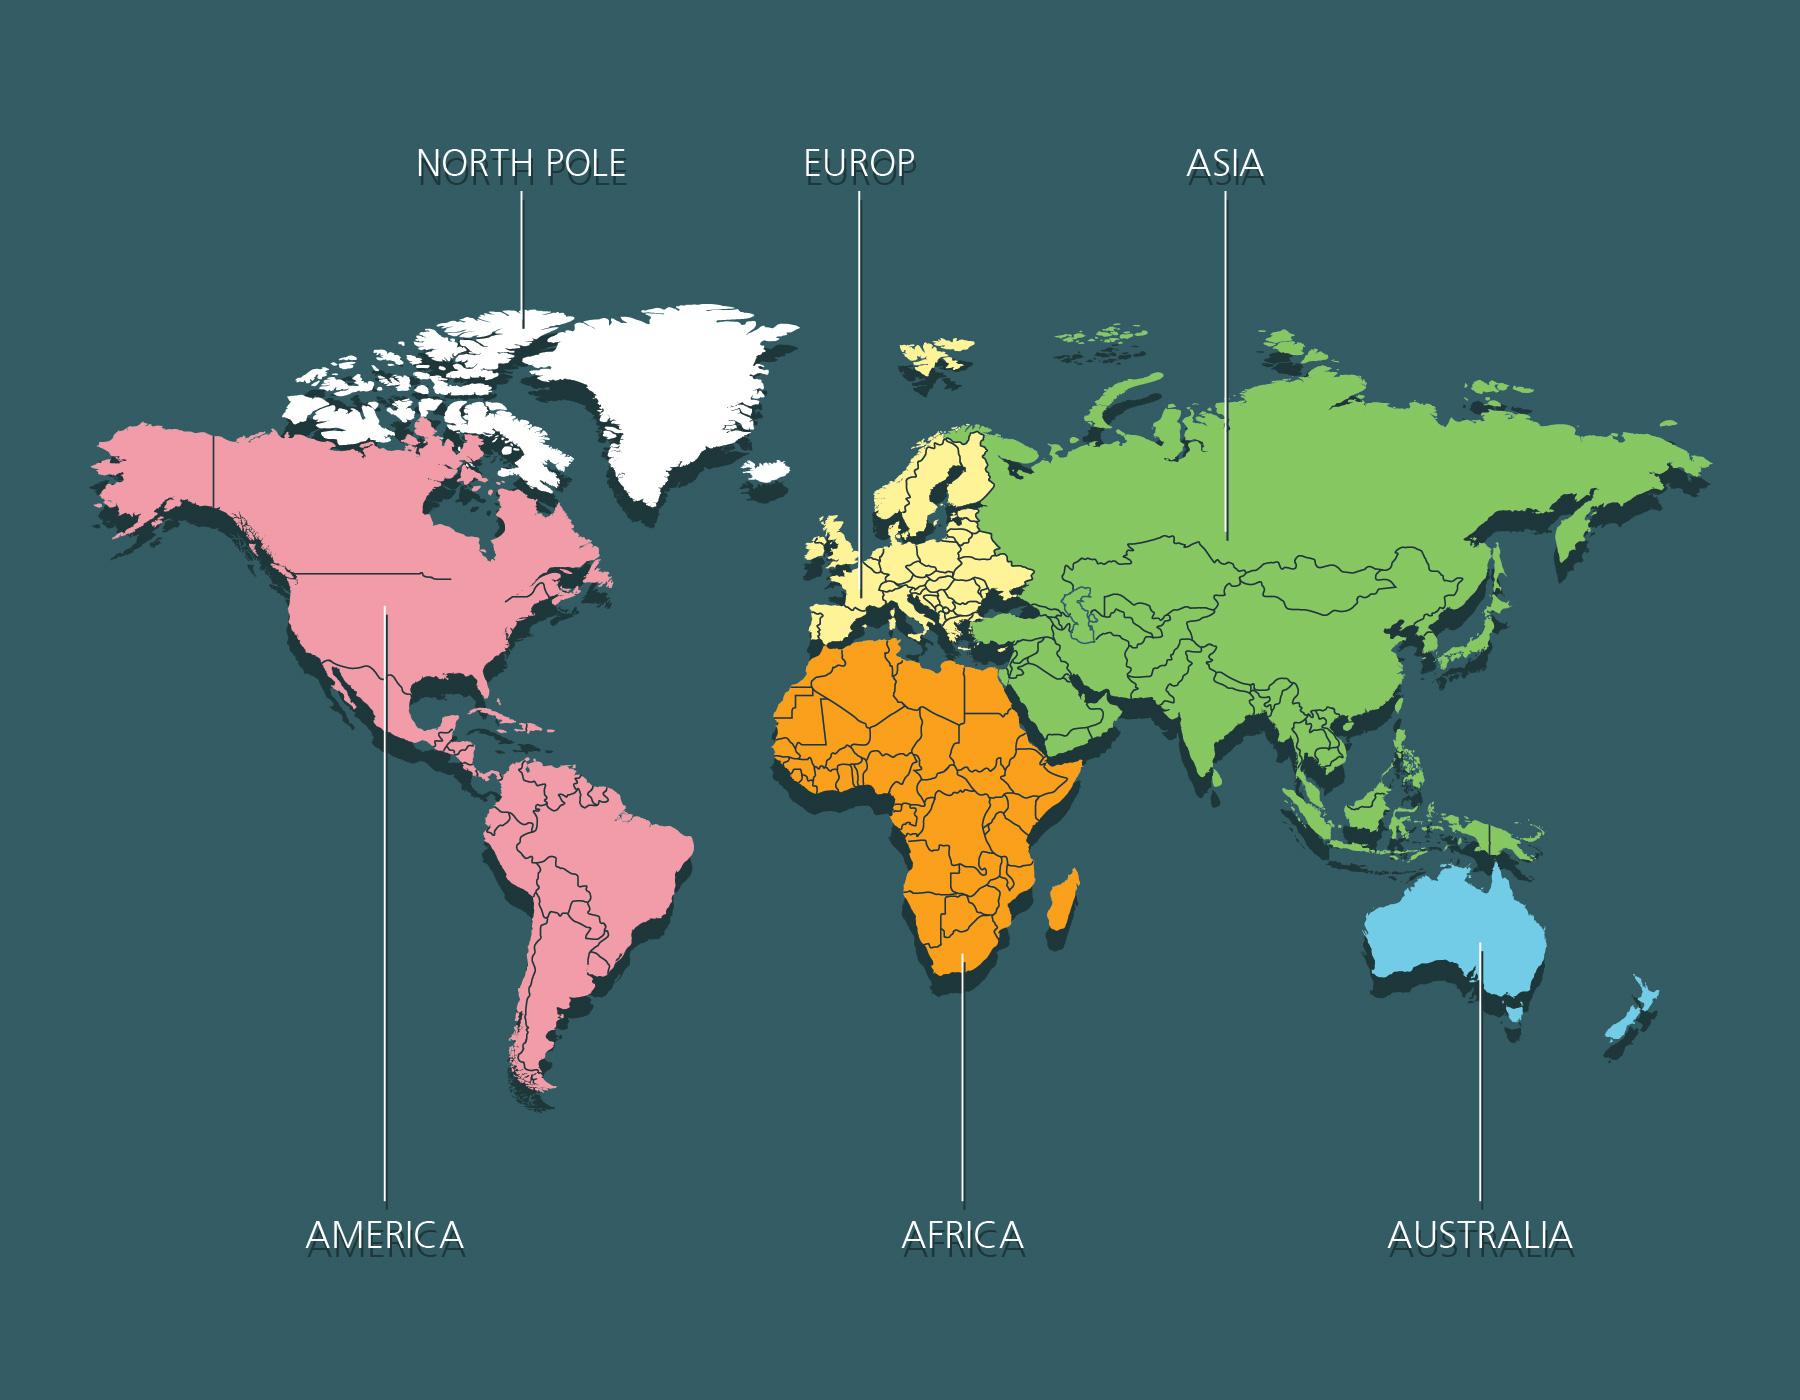 Mappa globale - Scarica Immagini Vettoriali Gratis, Grafica Vettoriale, e  Disegno Modelli